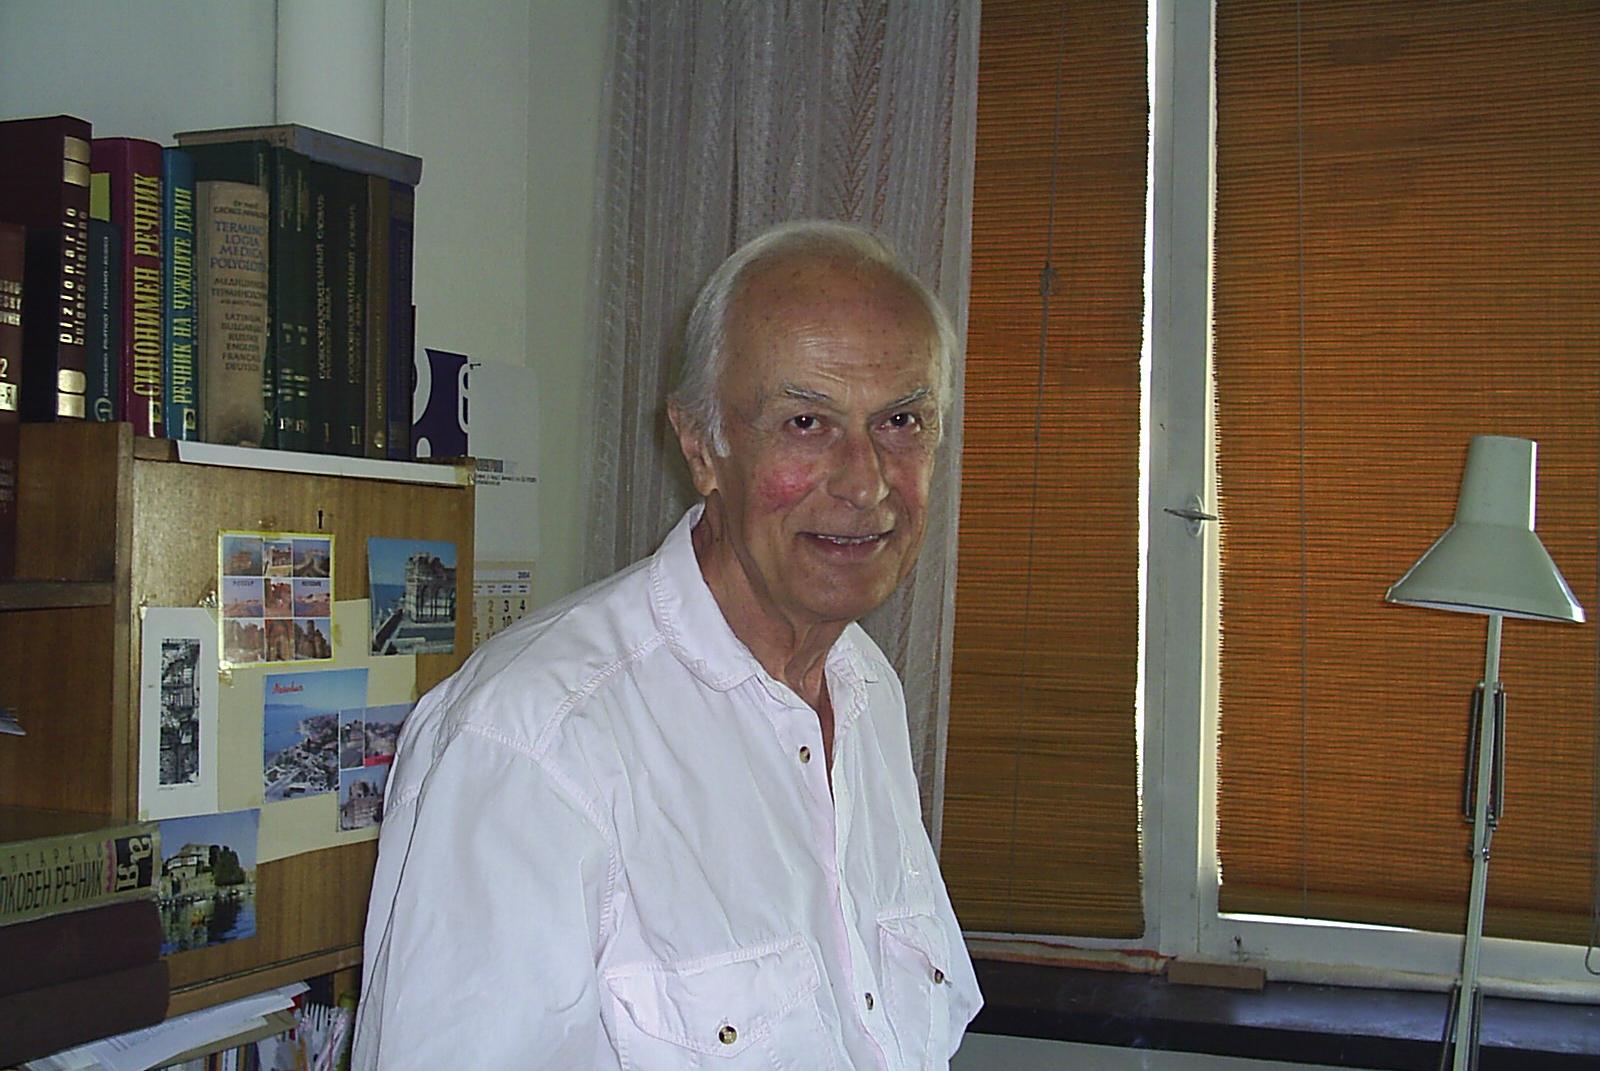 """Юбилейна научна сесия """"Съвременни тенденции в езиковедските изследвания"""", посветена на 85 години от рождението на проф. д.ф.н. Йордан Пенчев"""